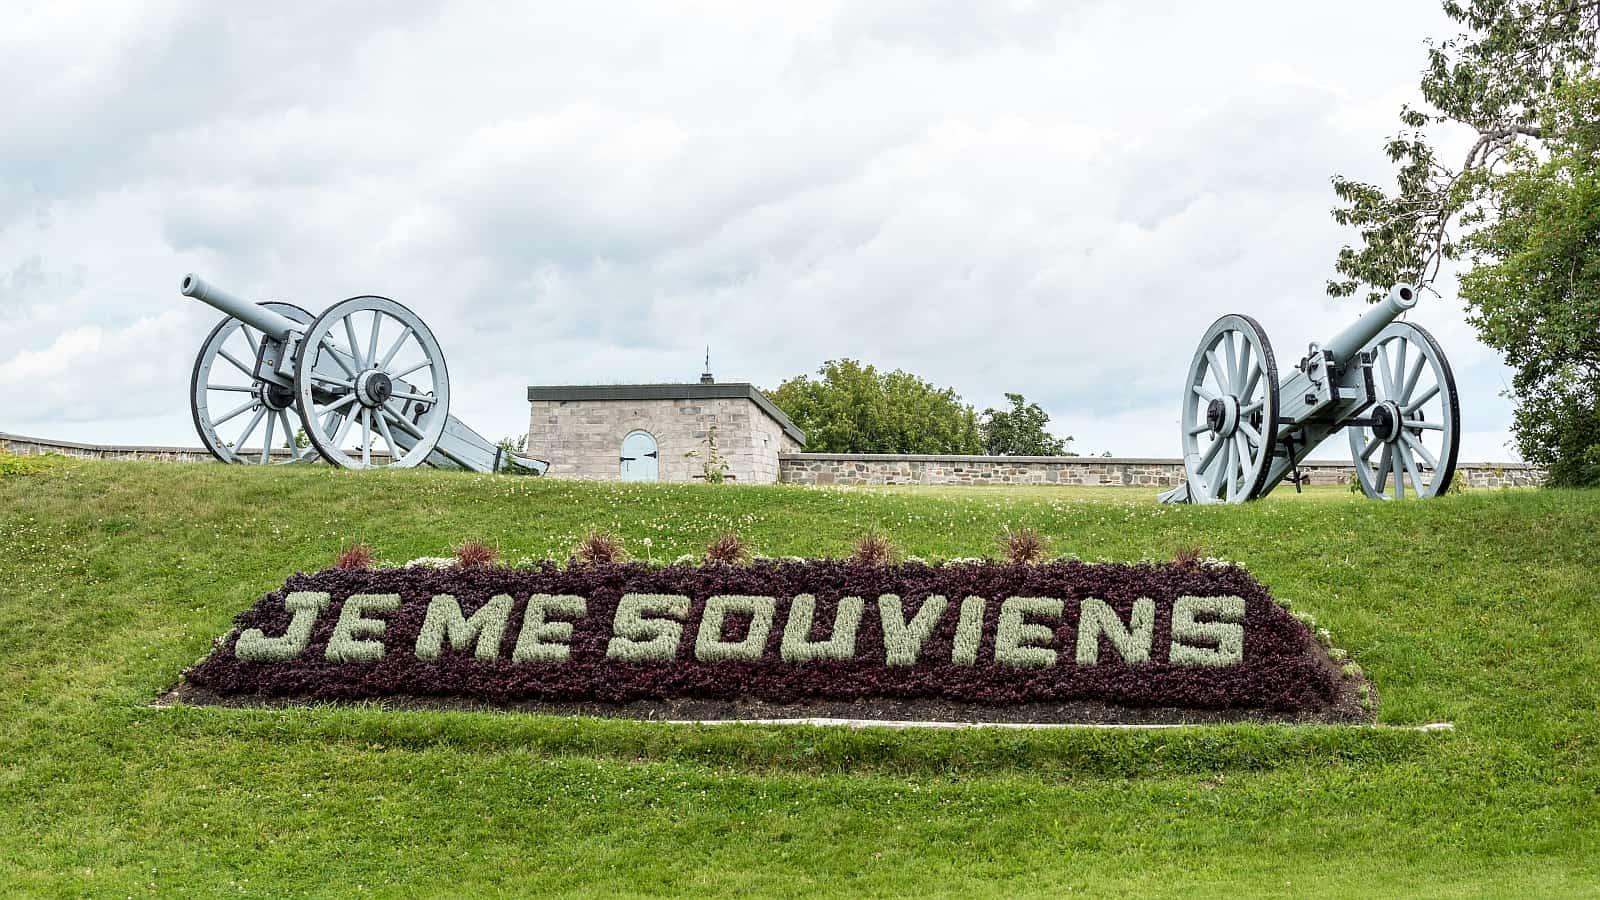 Die Zitadelle von Québec, Touristenattraktion und Heimat des Royal 22e Régiment der kanadischen Armee.